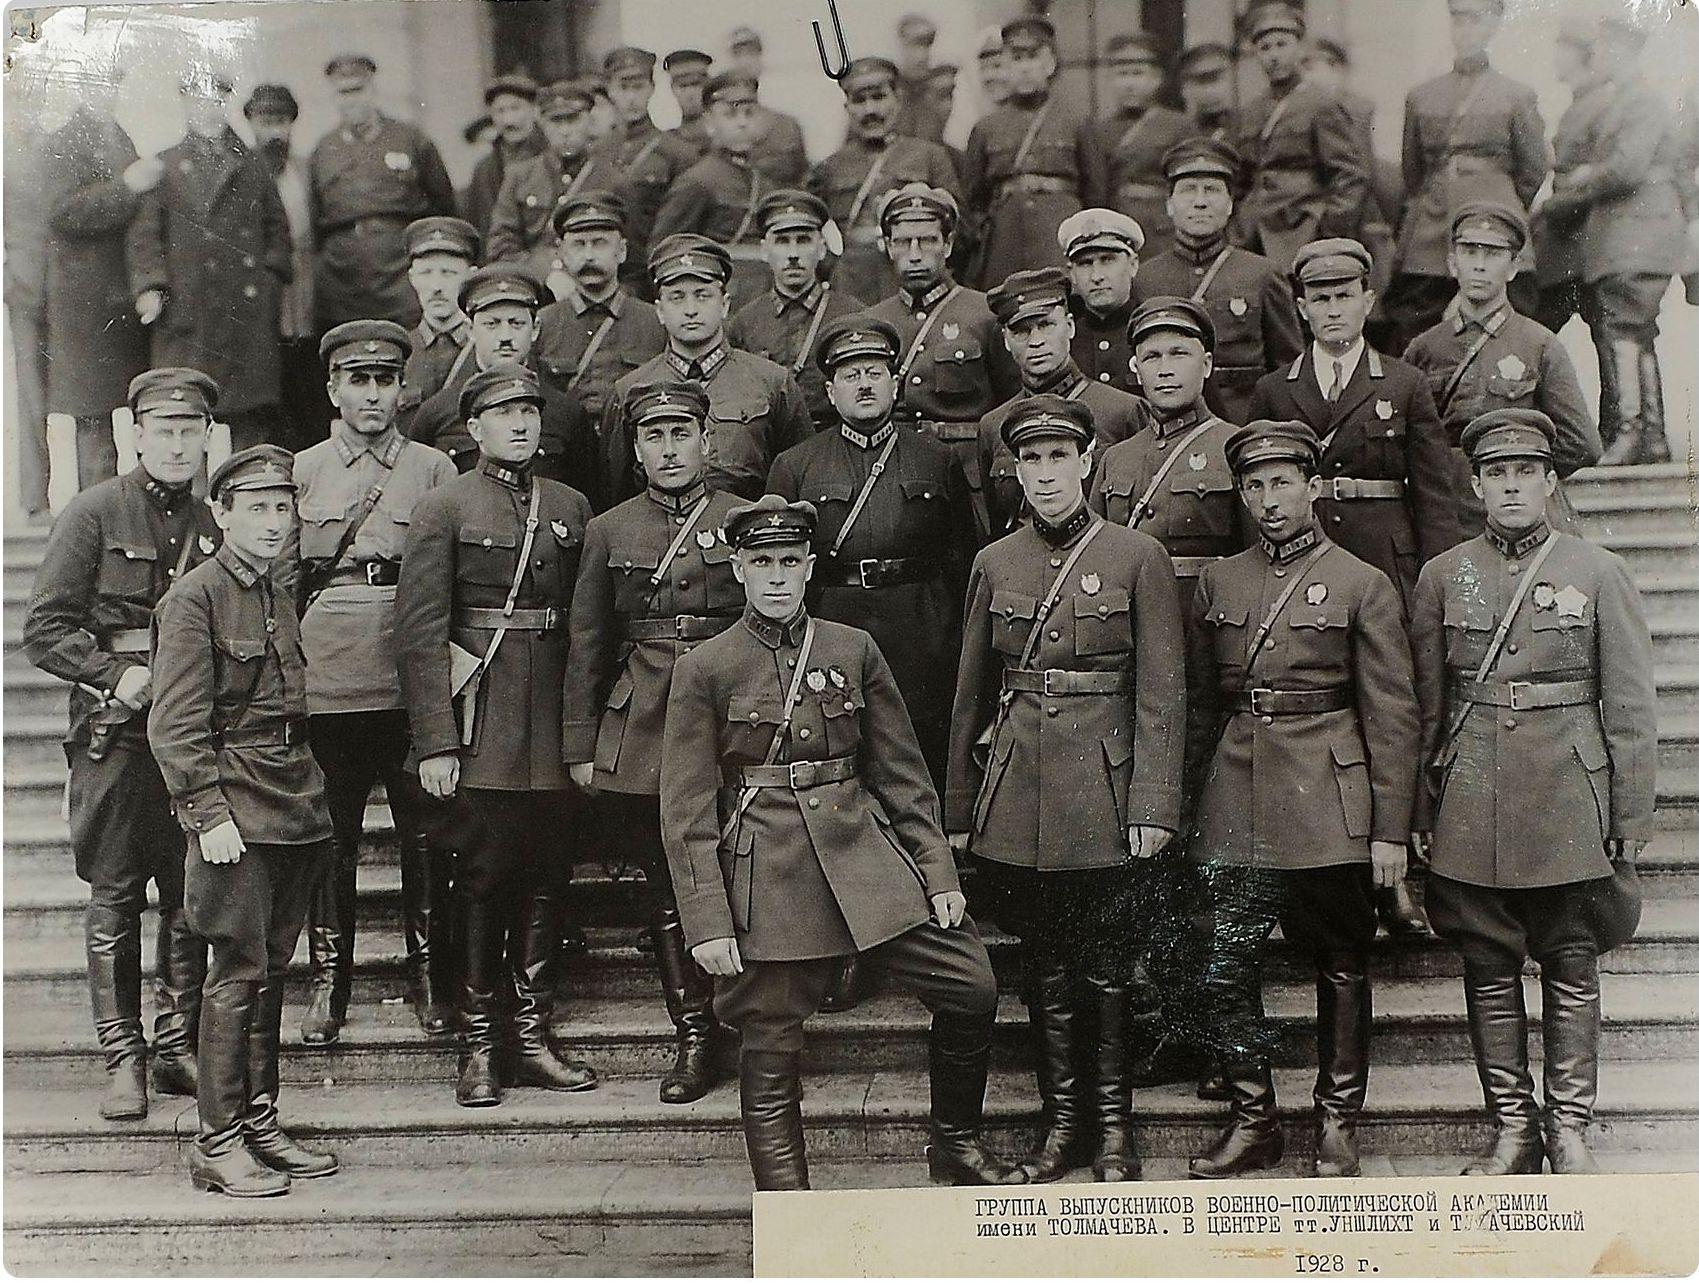 1928. Фото группы выпускников военно- политической академии им. Толмачева